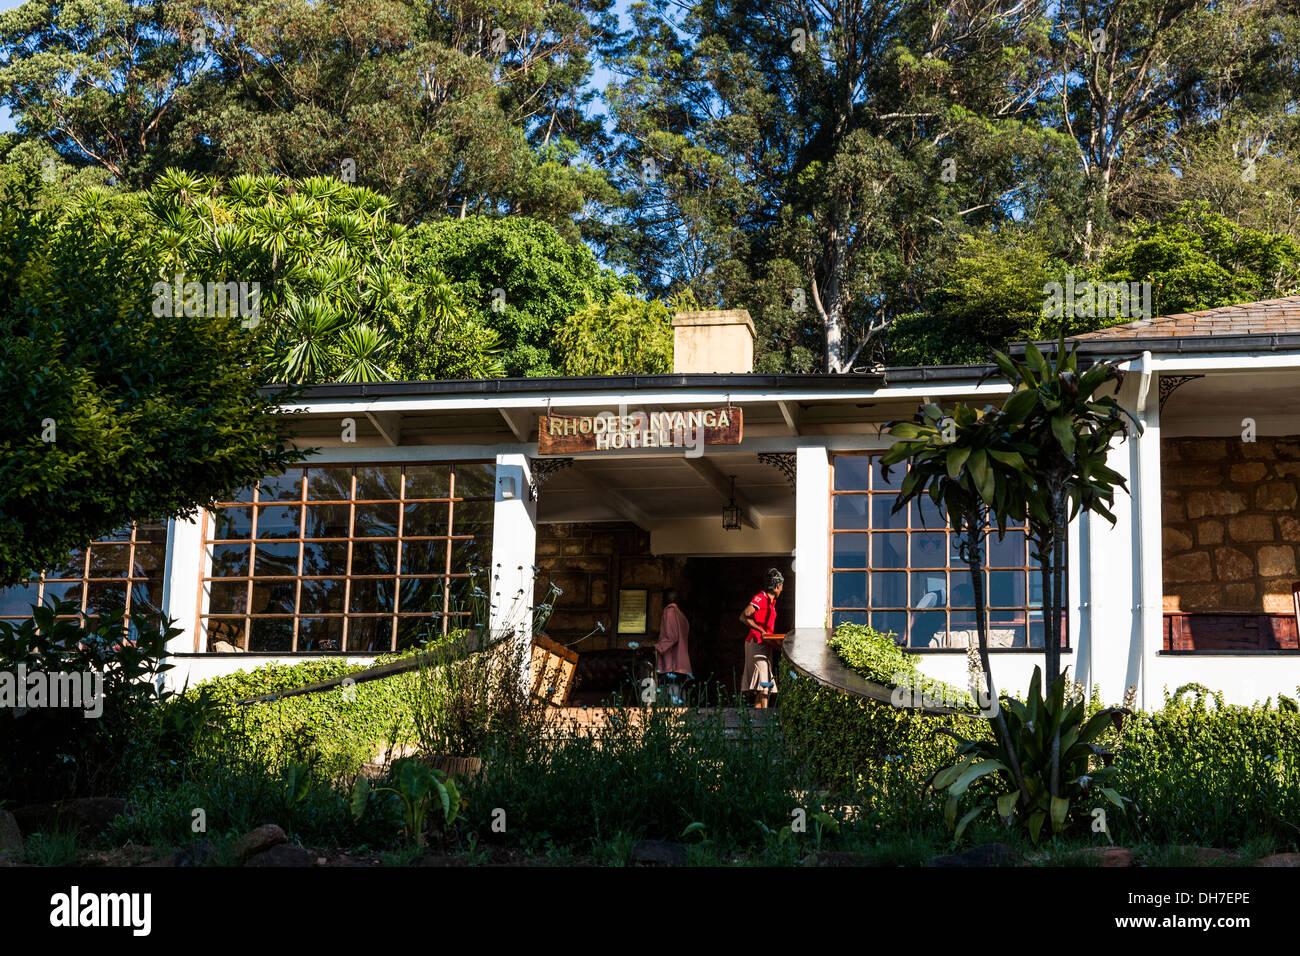 Rhodes Nyanga Hotel, Nyanga, Zimbabwe - Stock Image